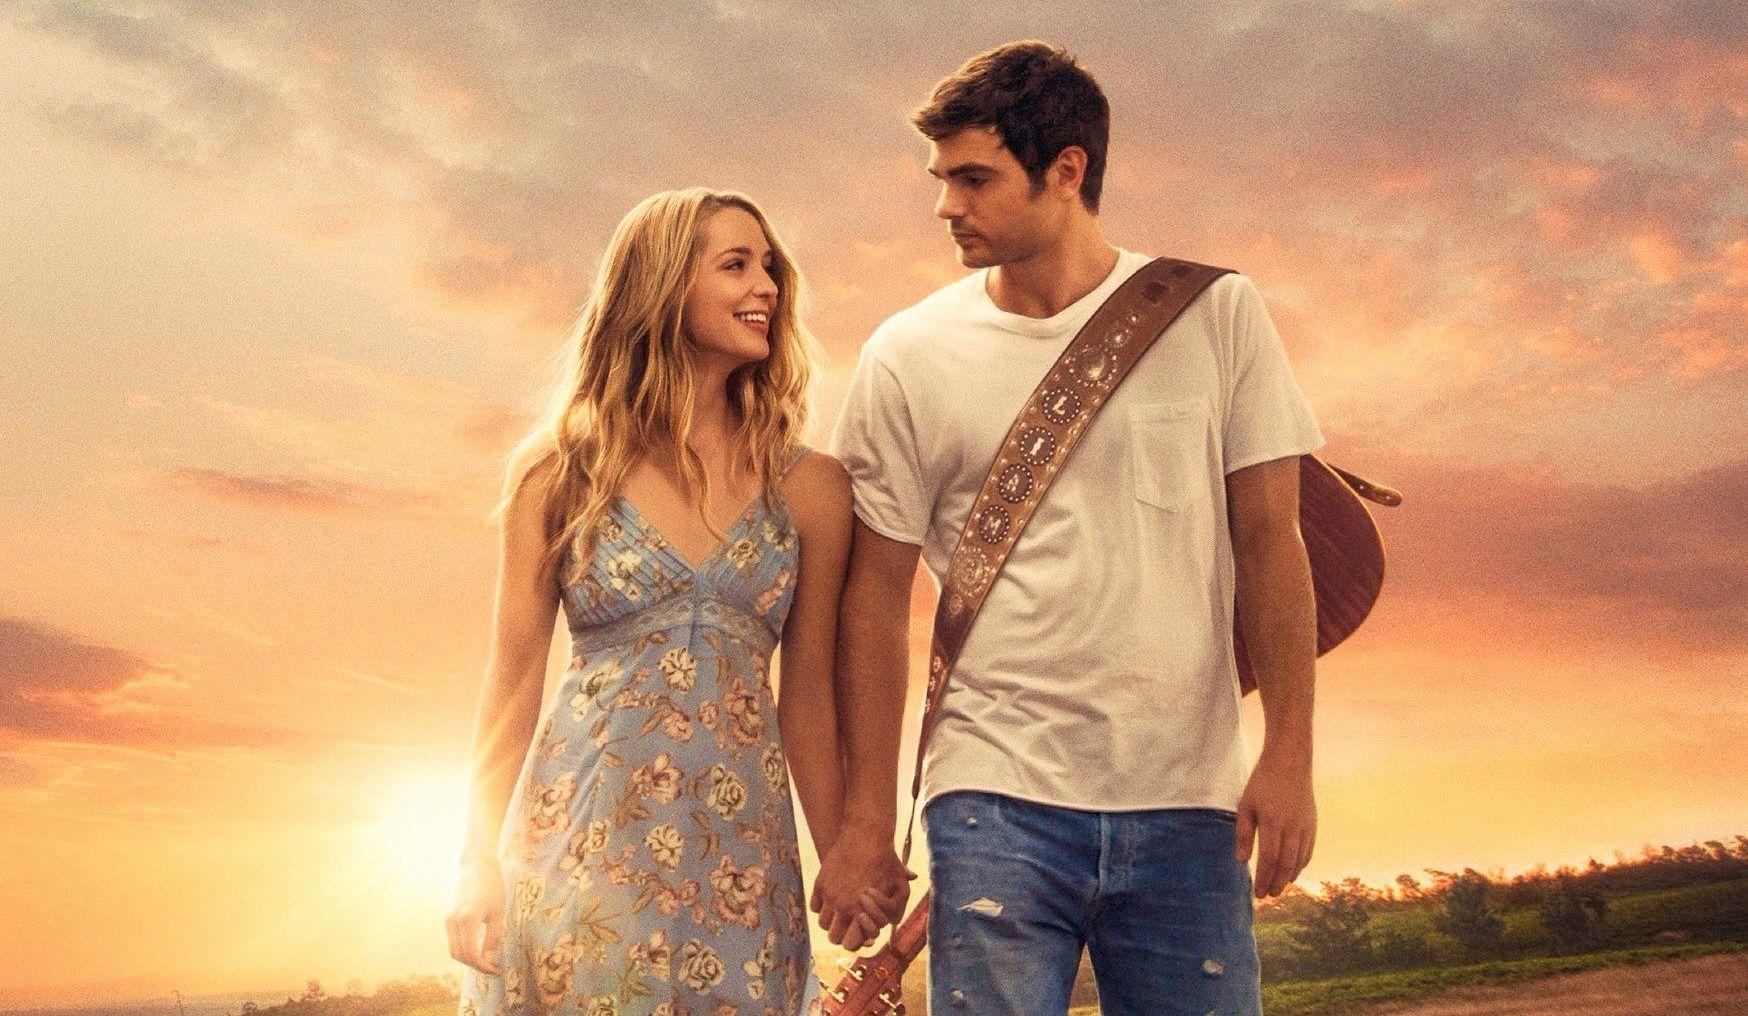 Un film d'amour qui réchauffera votre mois de janvier!